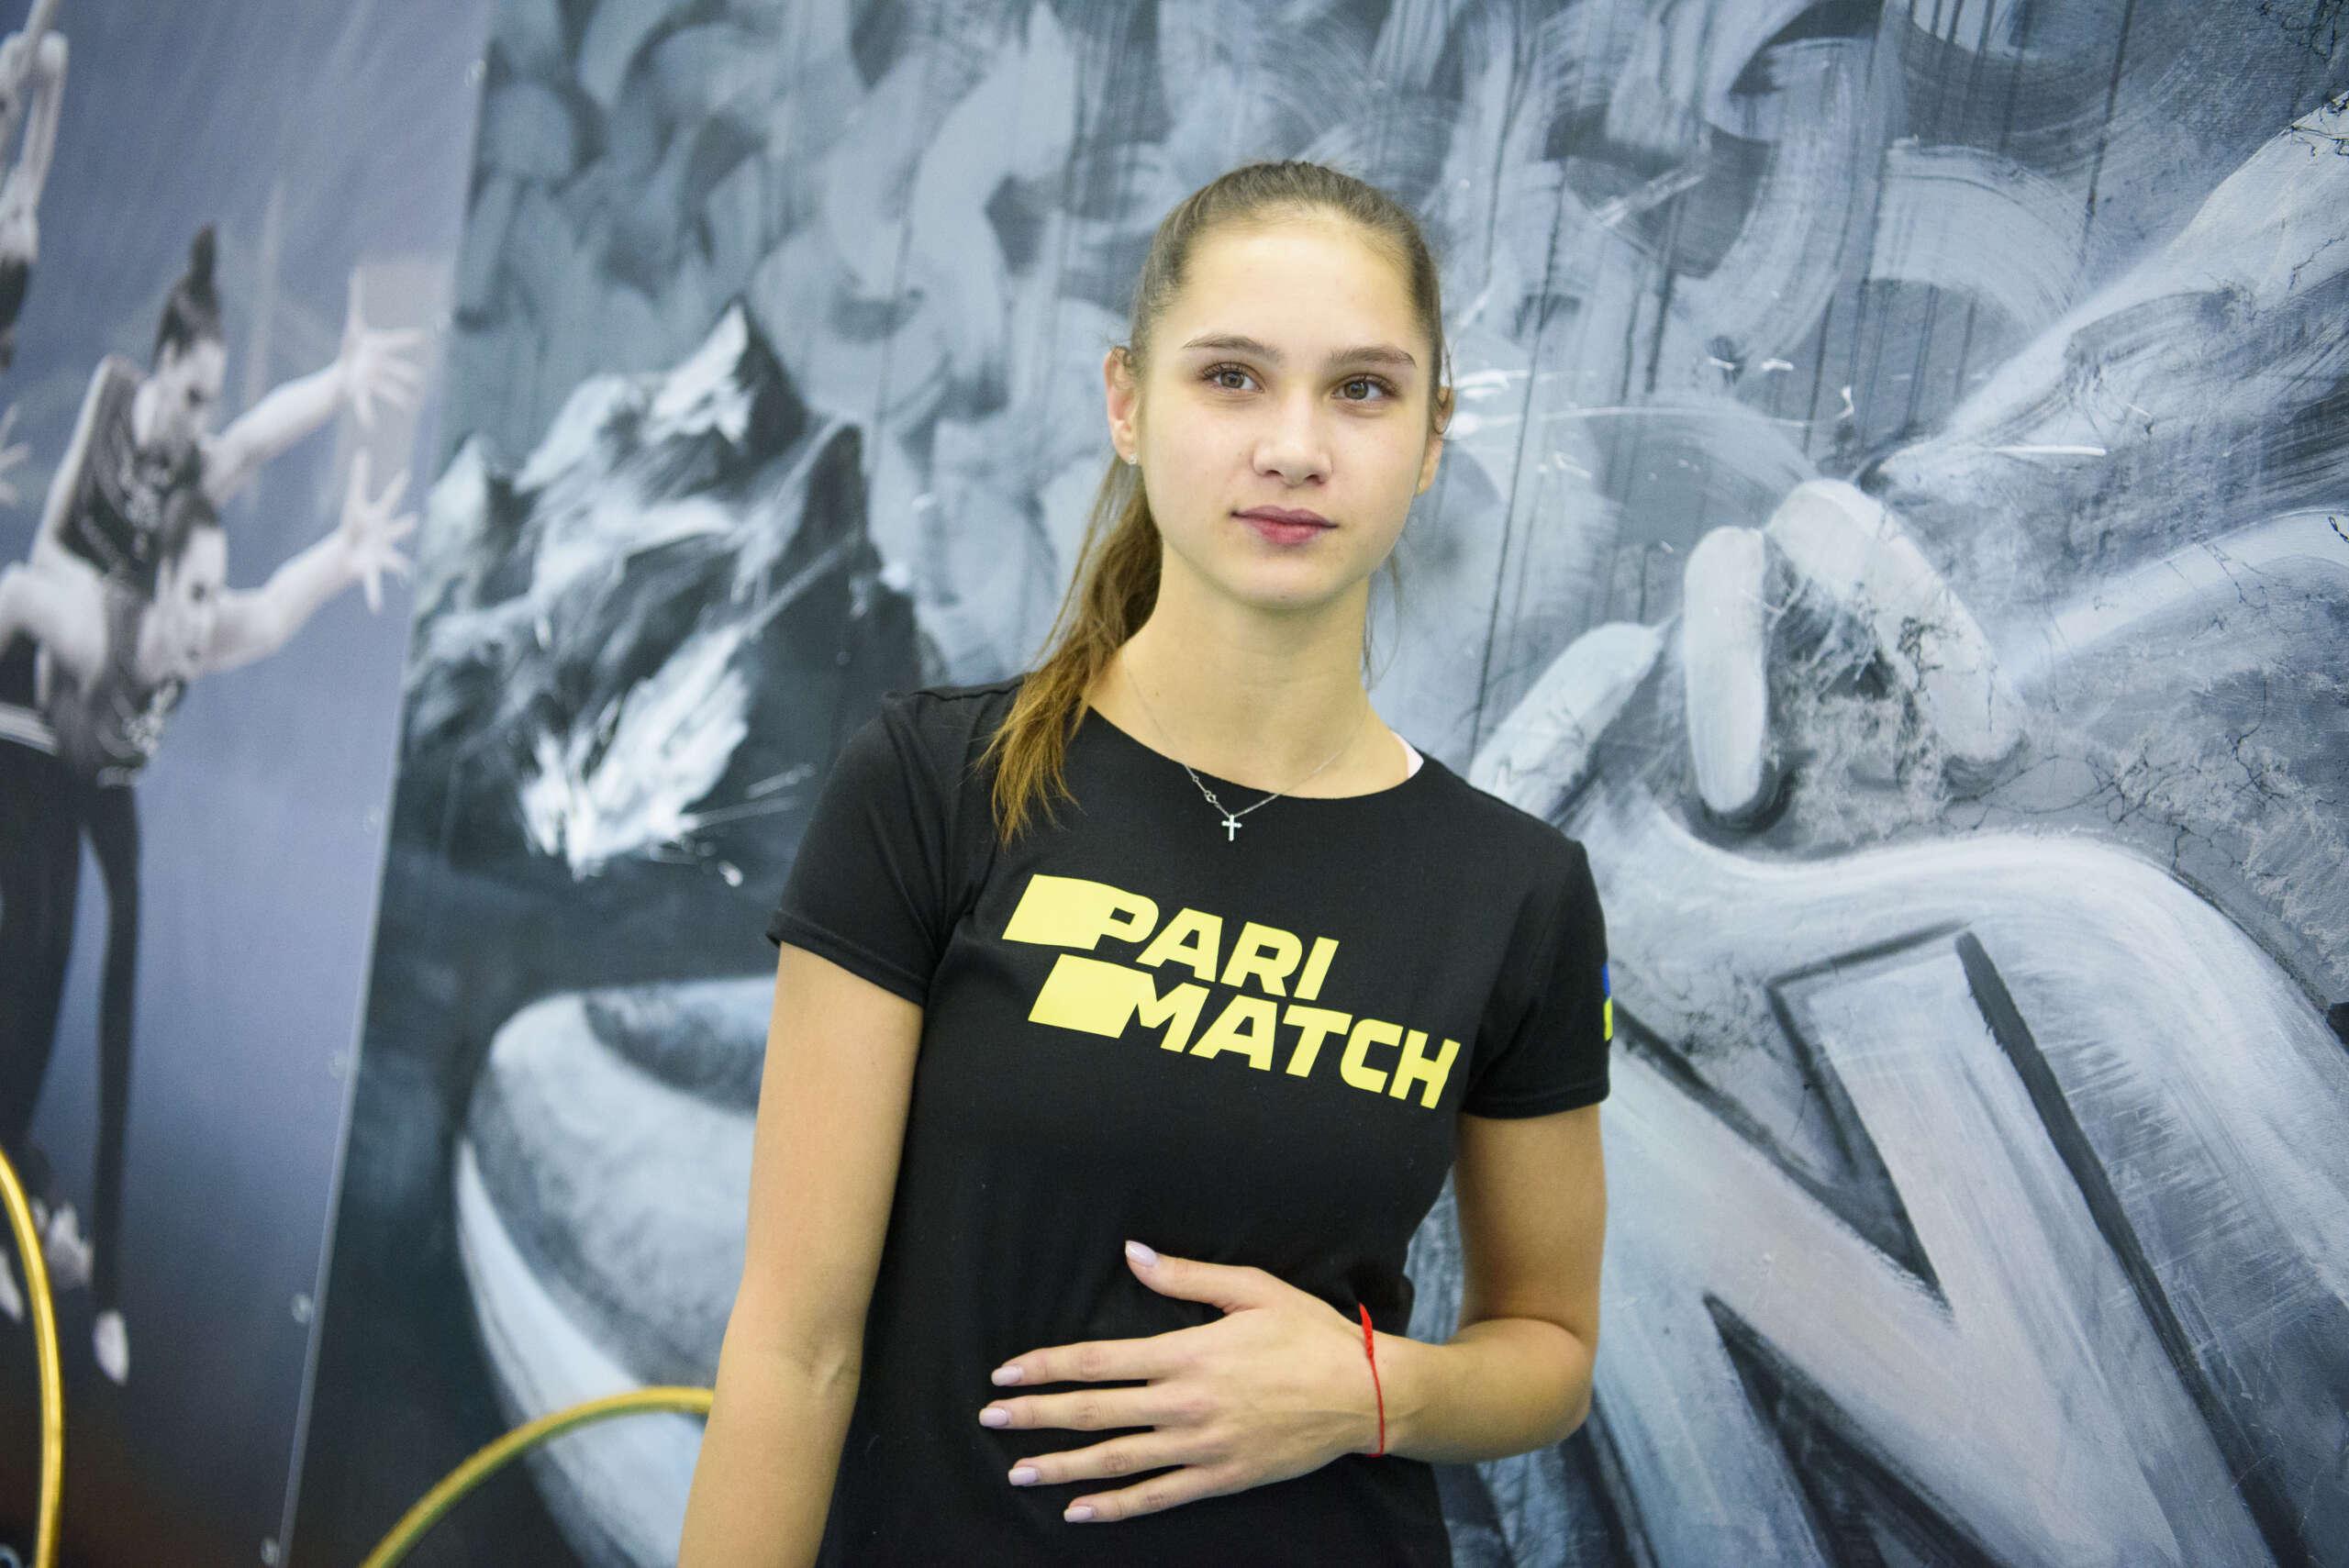 Коронавирус многим испортил карьеру - гимнастка Влада Никольченко - фото 2